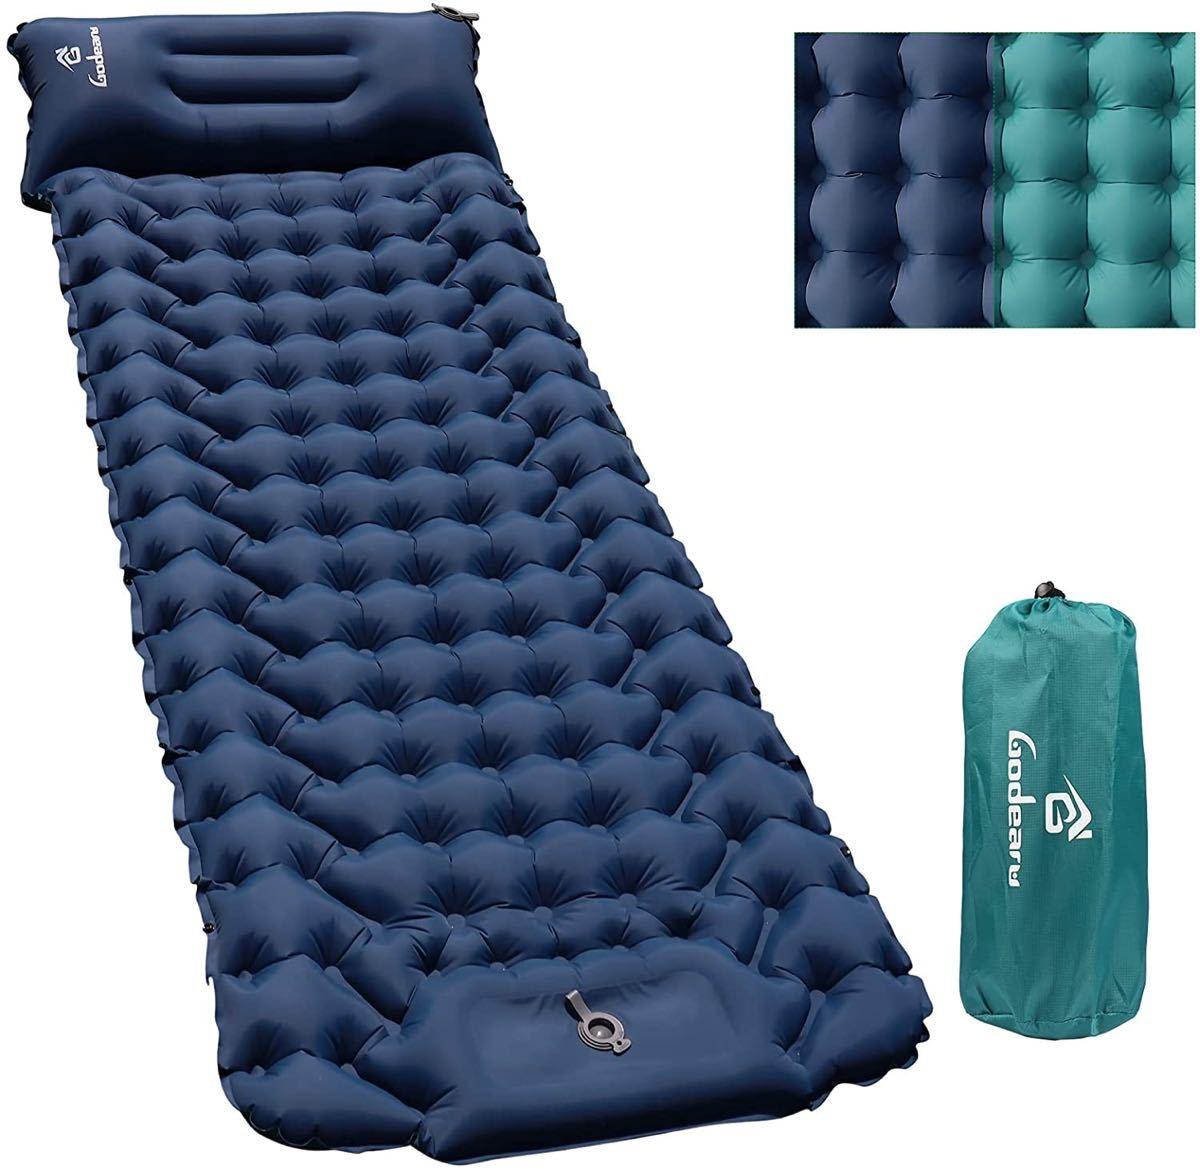 キャンプマット アウトドアマット 車中泊マット 足踏み式 無限連結可能 枕付き